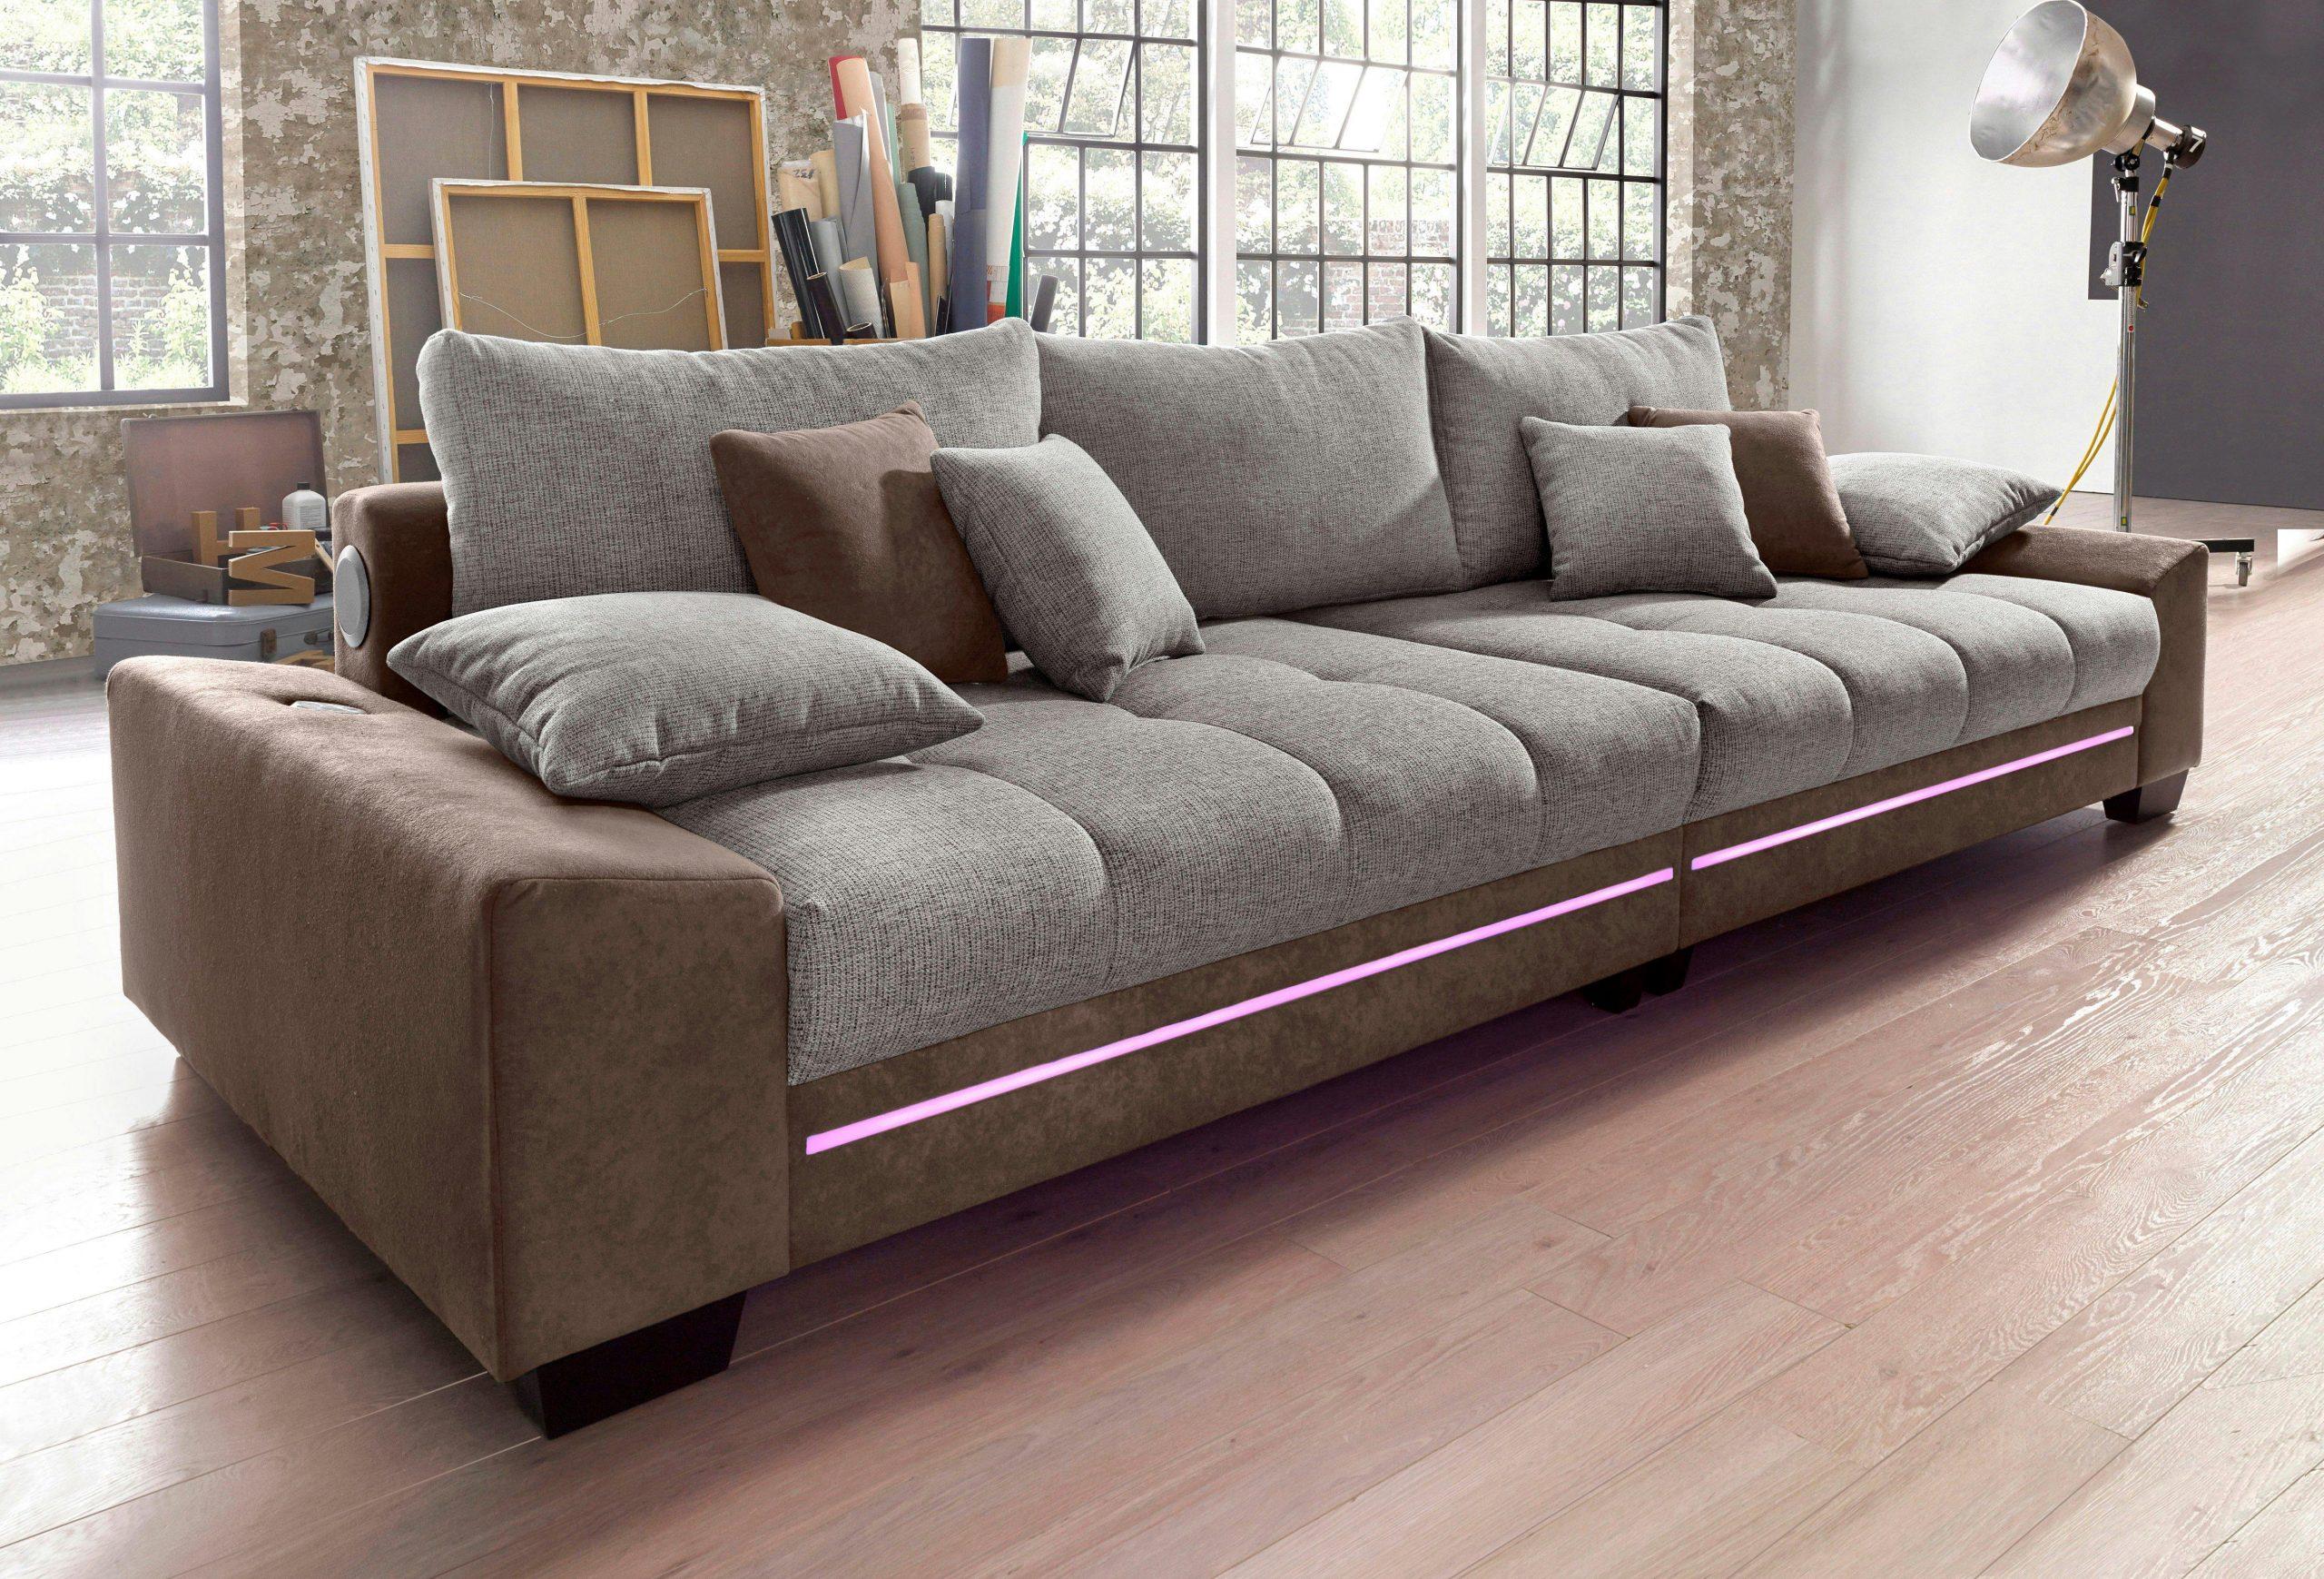 Full Size of Nova Via Big Sofa Auf Rechnung Bestellen Baur Sitzhöhe 55 Cm Led 3 Sitzer Mit Relaxfunktion Schlaffunktion Federkern Regale Günstig Muuto Zweisitzer Sofa Big Sofa Günstig